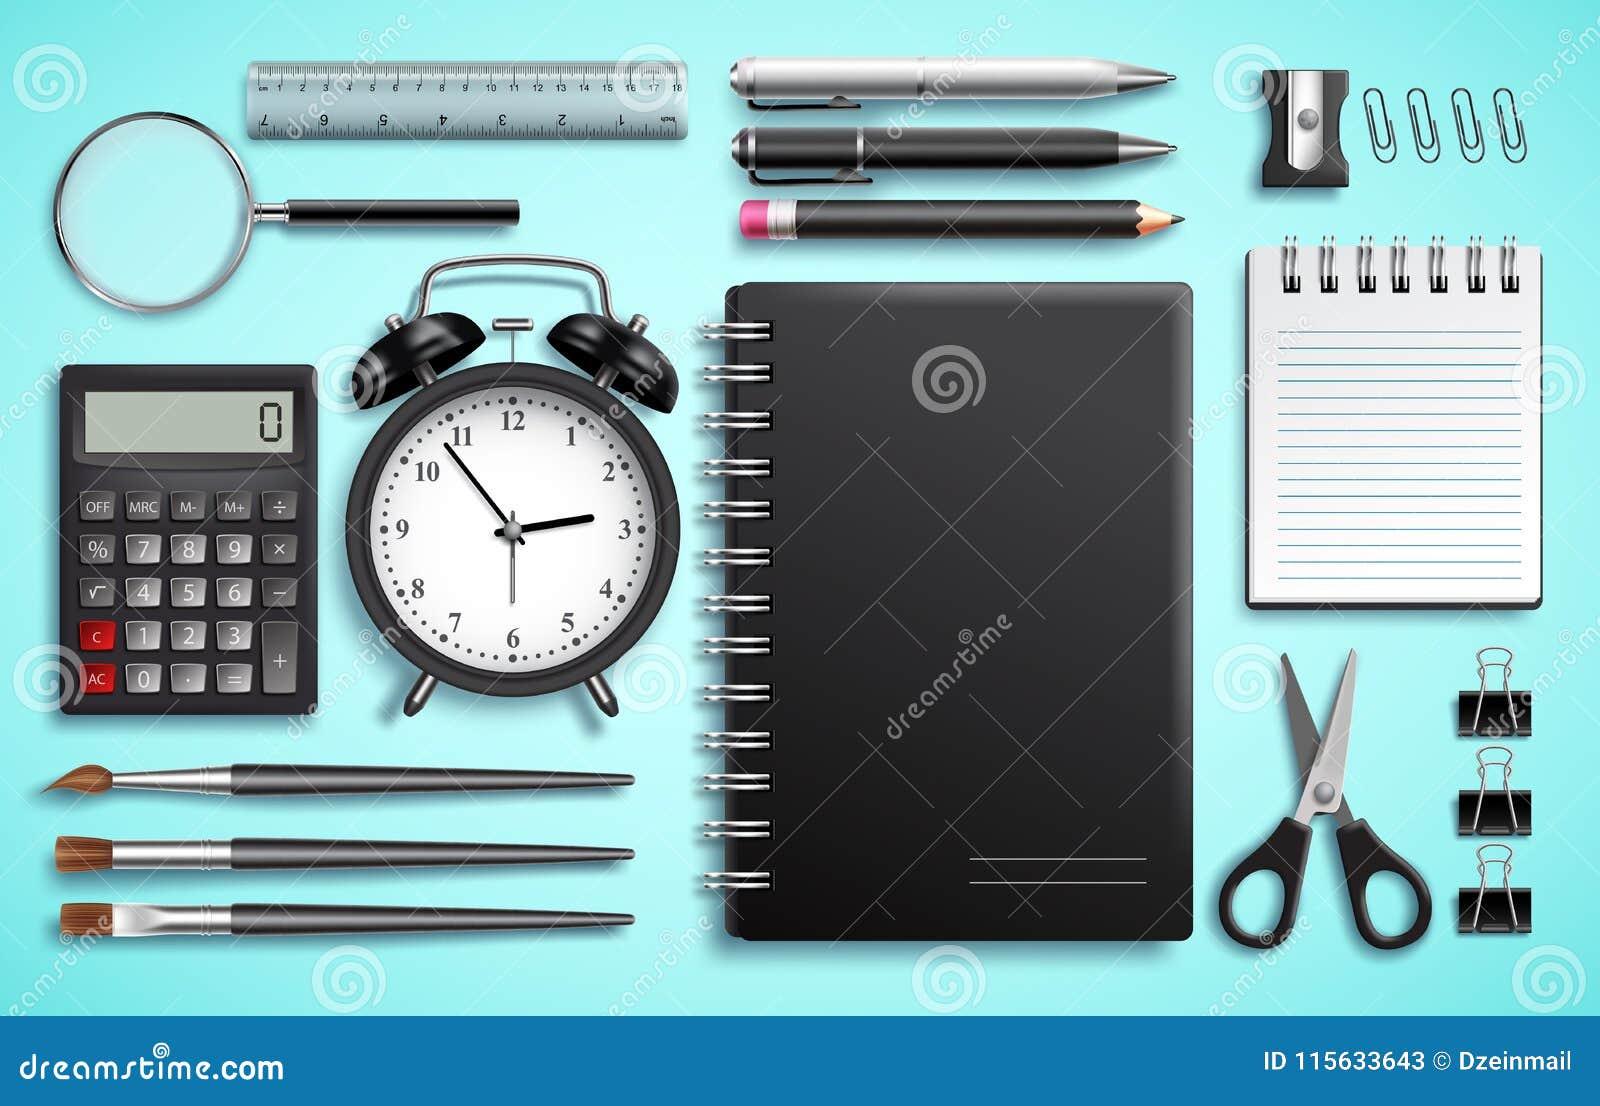 Grupo do vetor de artigos da escola e materiais de escritório ou artigos de papelaria modernos do negócio